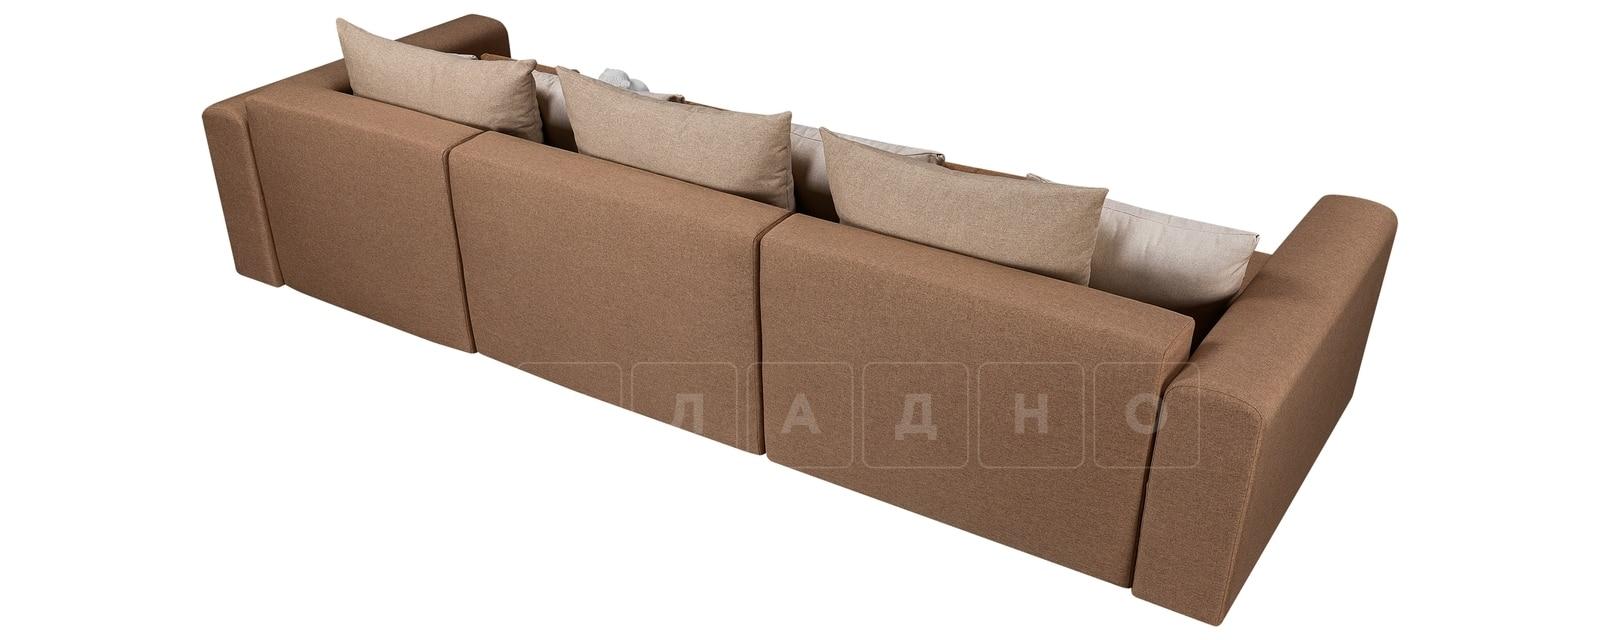 Диван Медисон коричневый 325 см фото 3 | интернет-магазин Складно